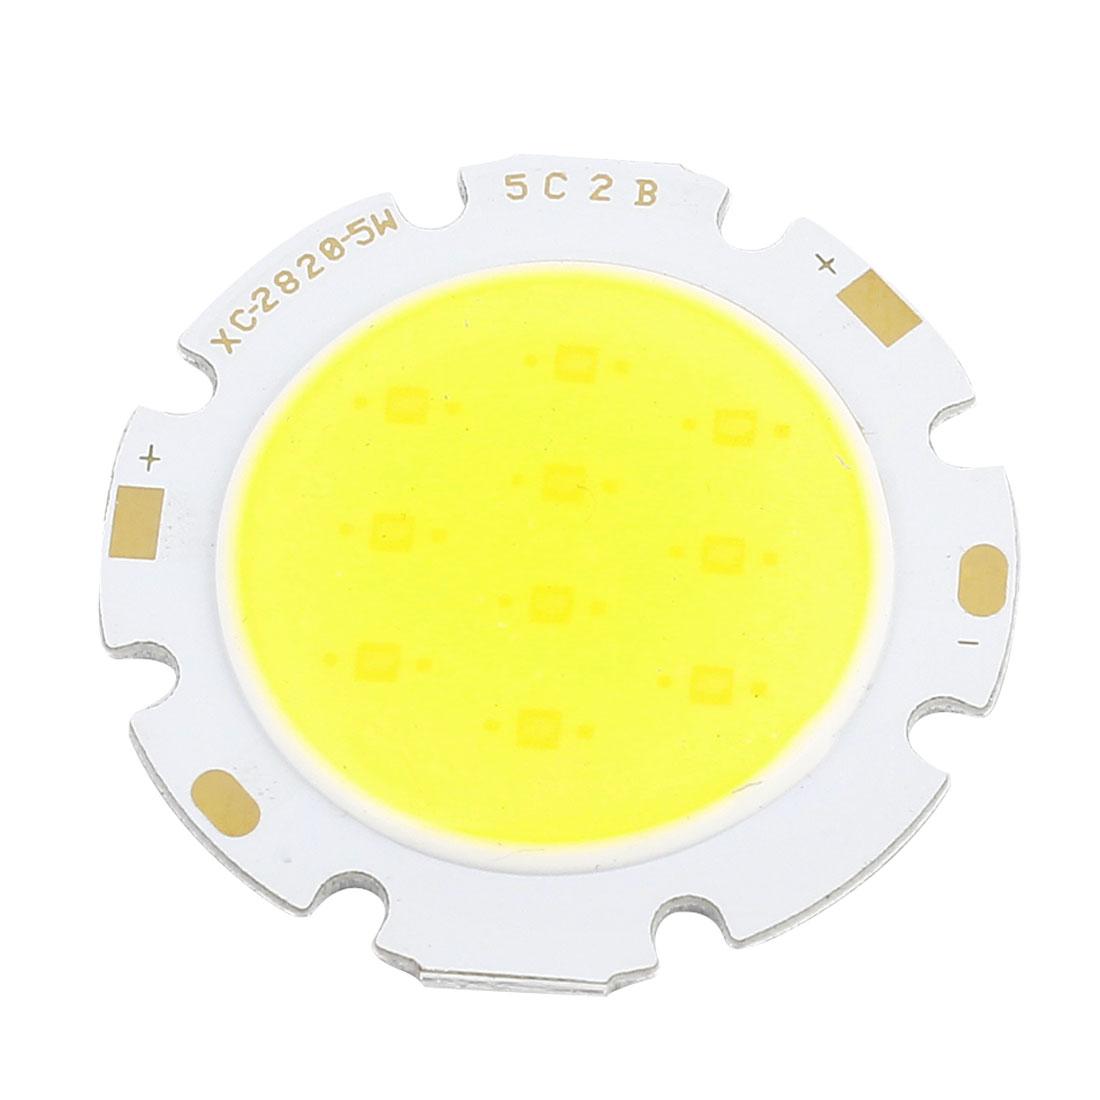 15-17V 5W Pure White Light High Power SMD COB LED Lamp Chip Emitter 500LM